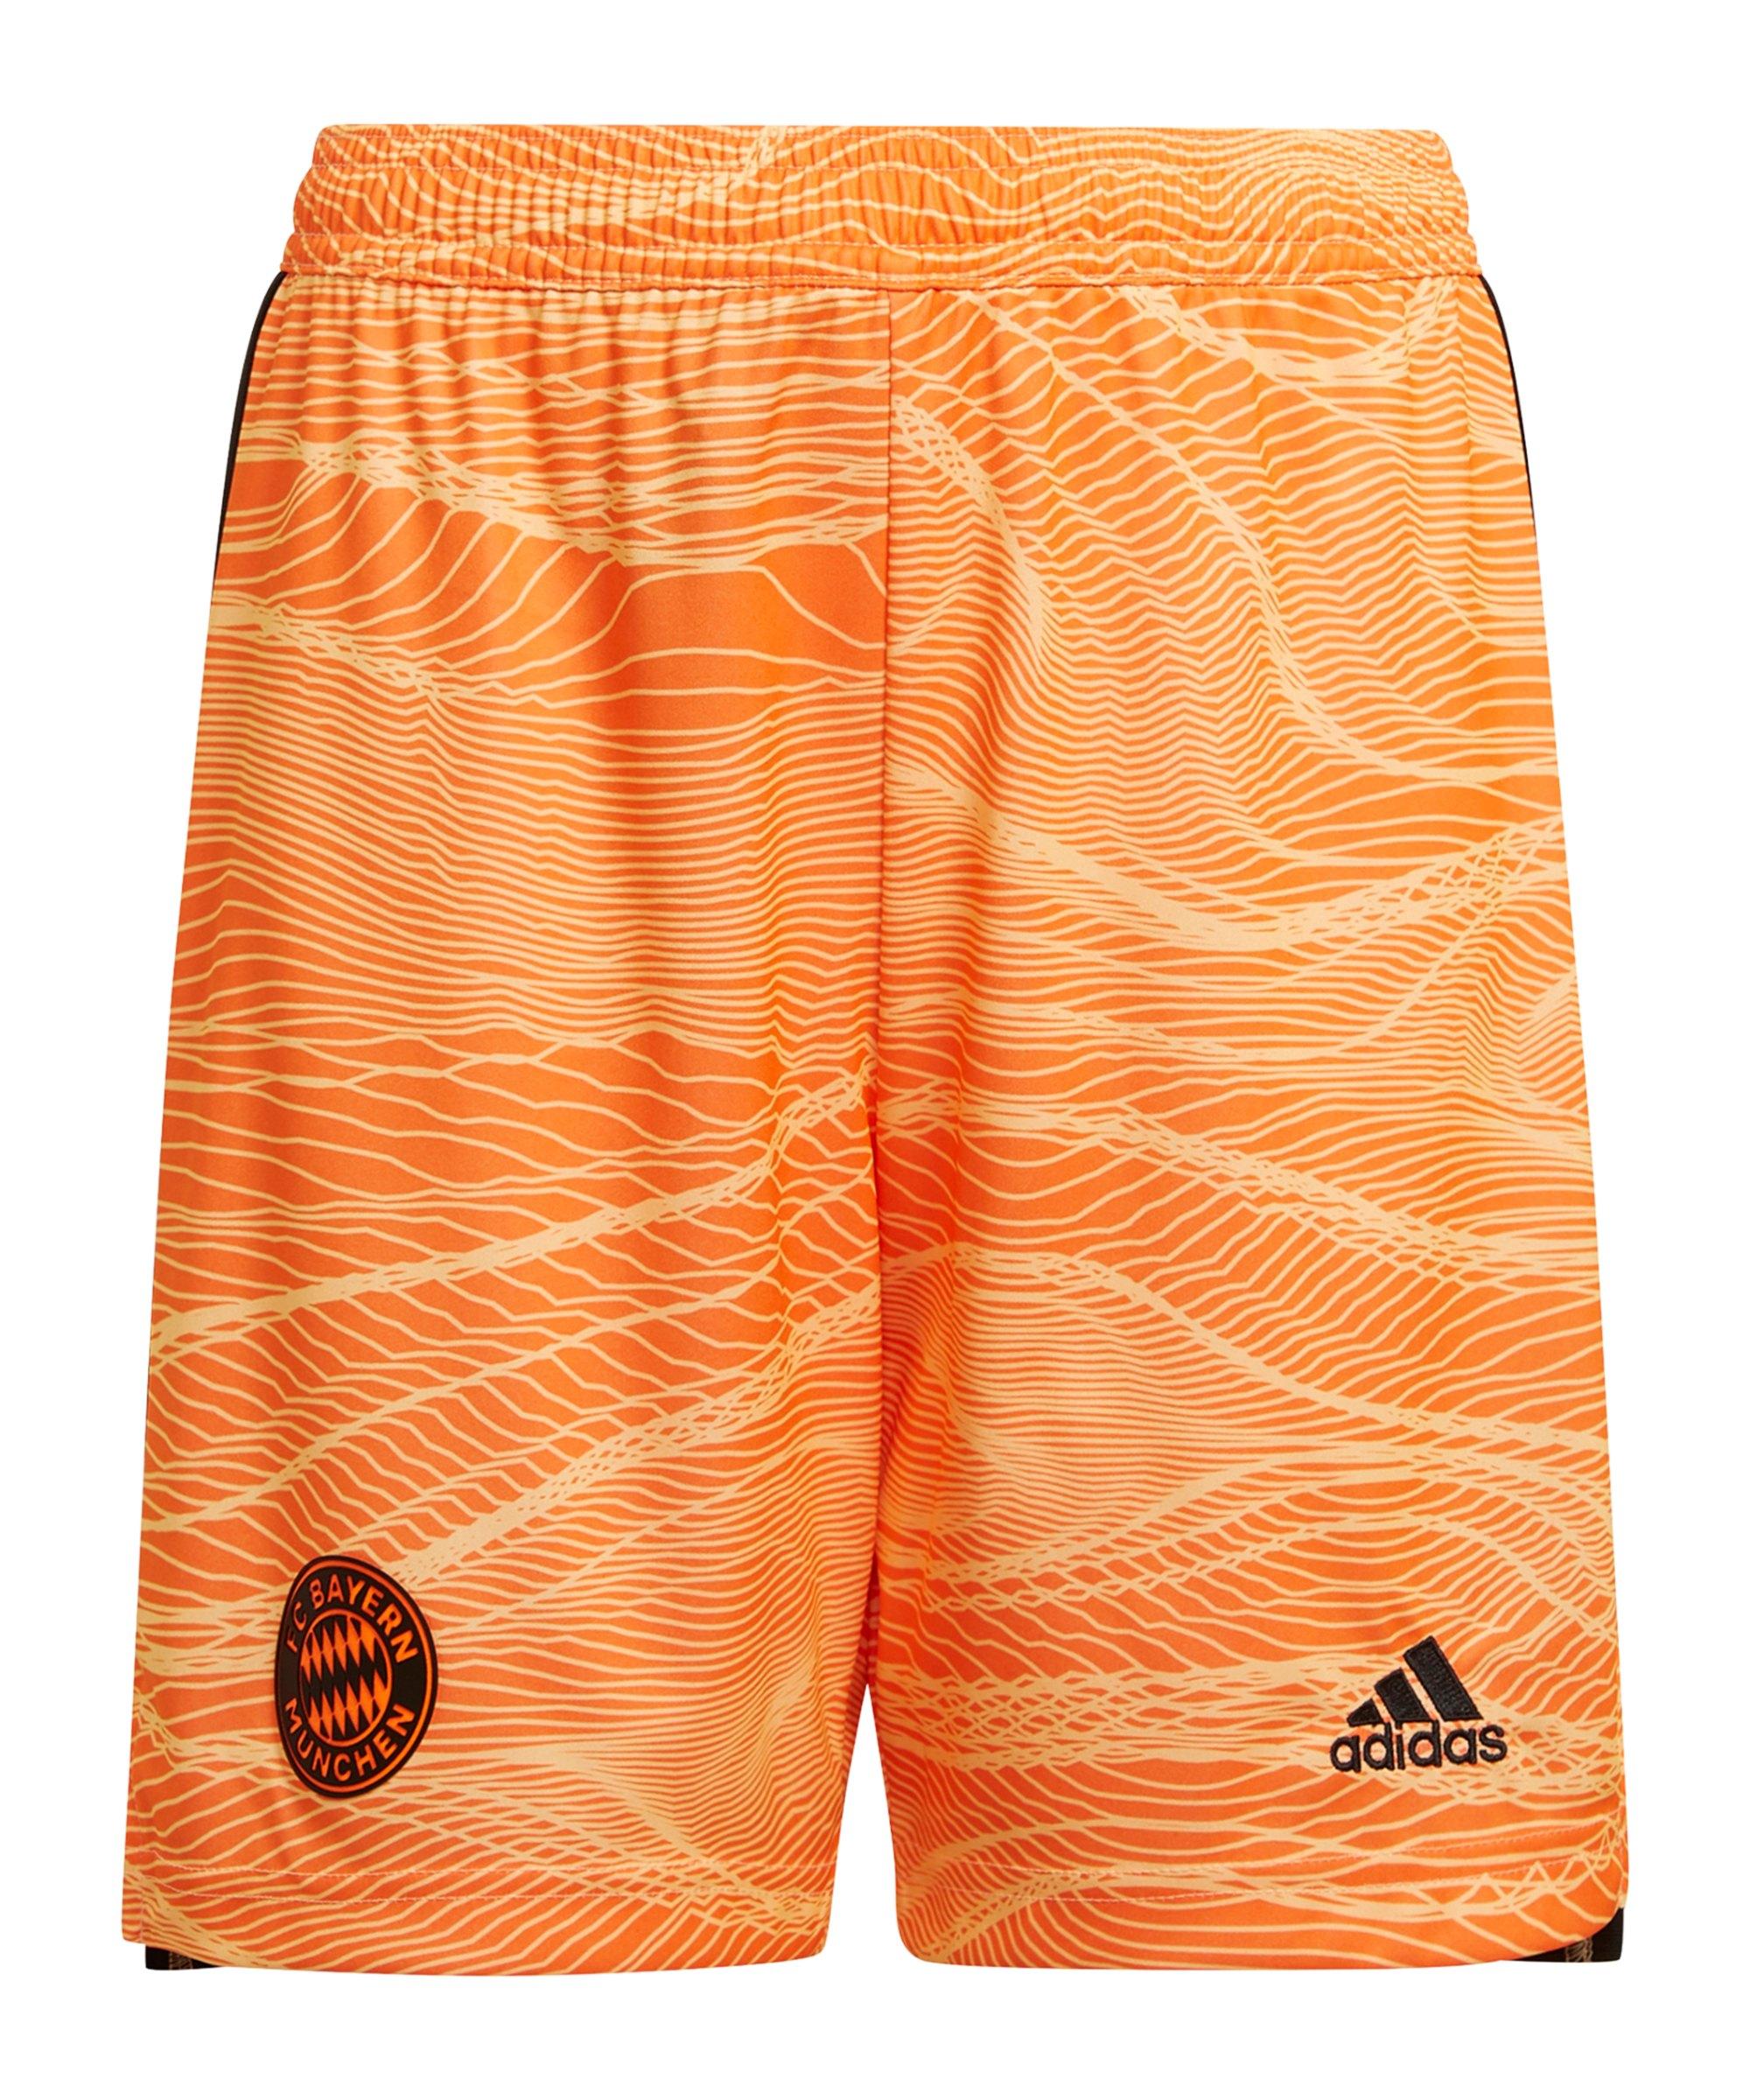 adidas FC Bayern München TW-Short 2021/2022 Kids Orange - orange